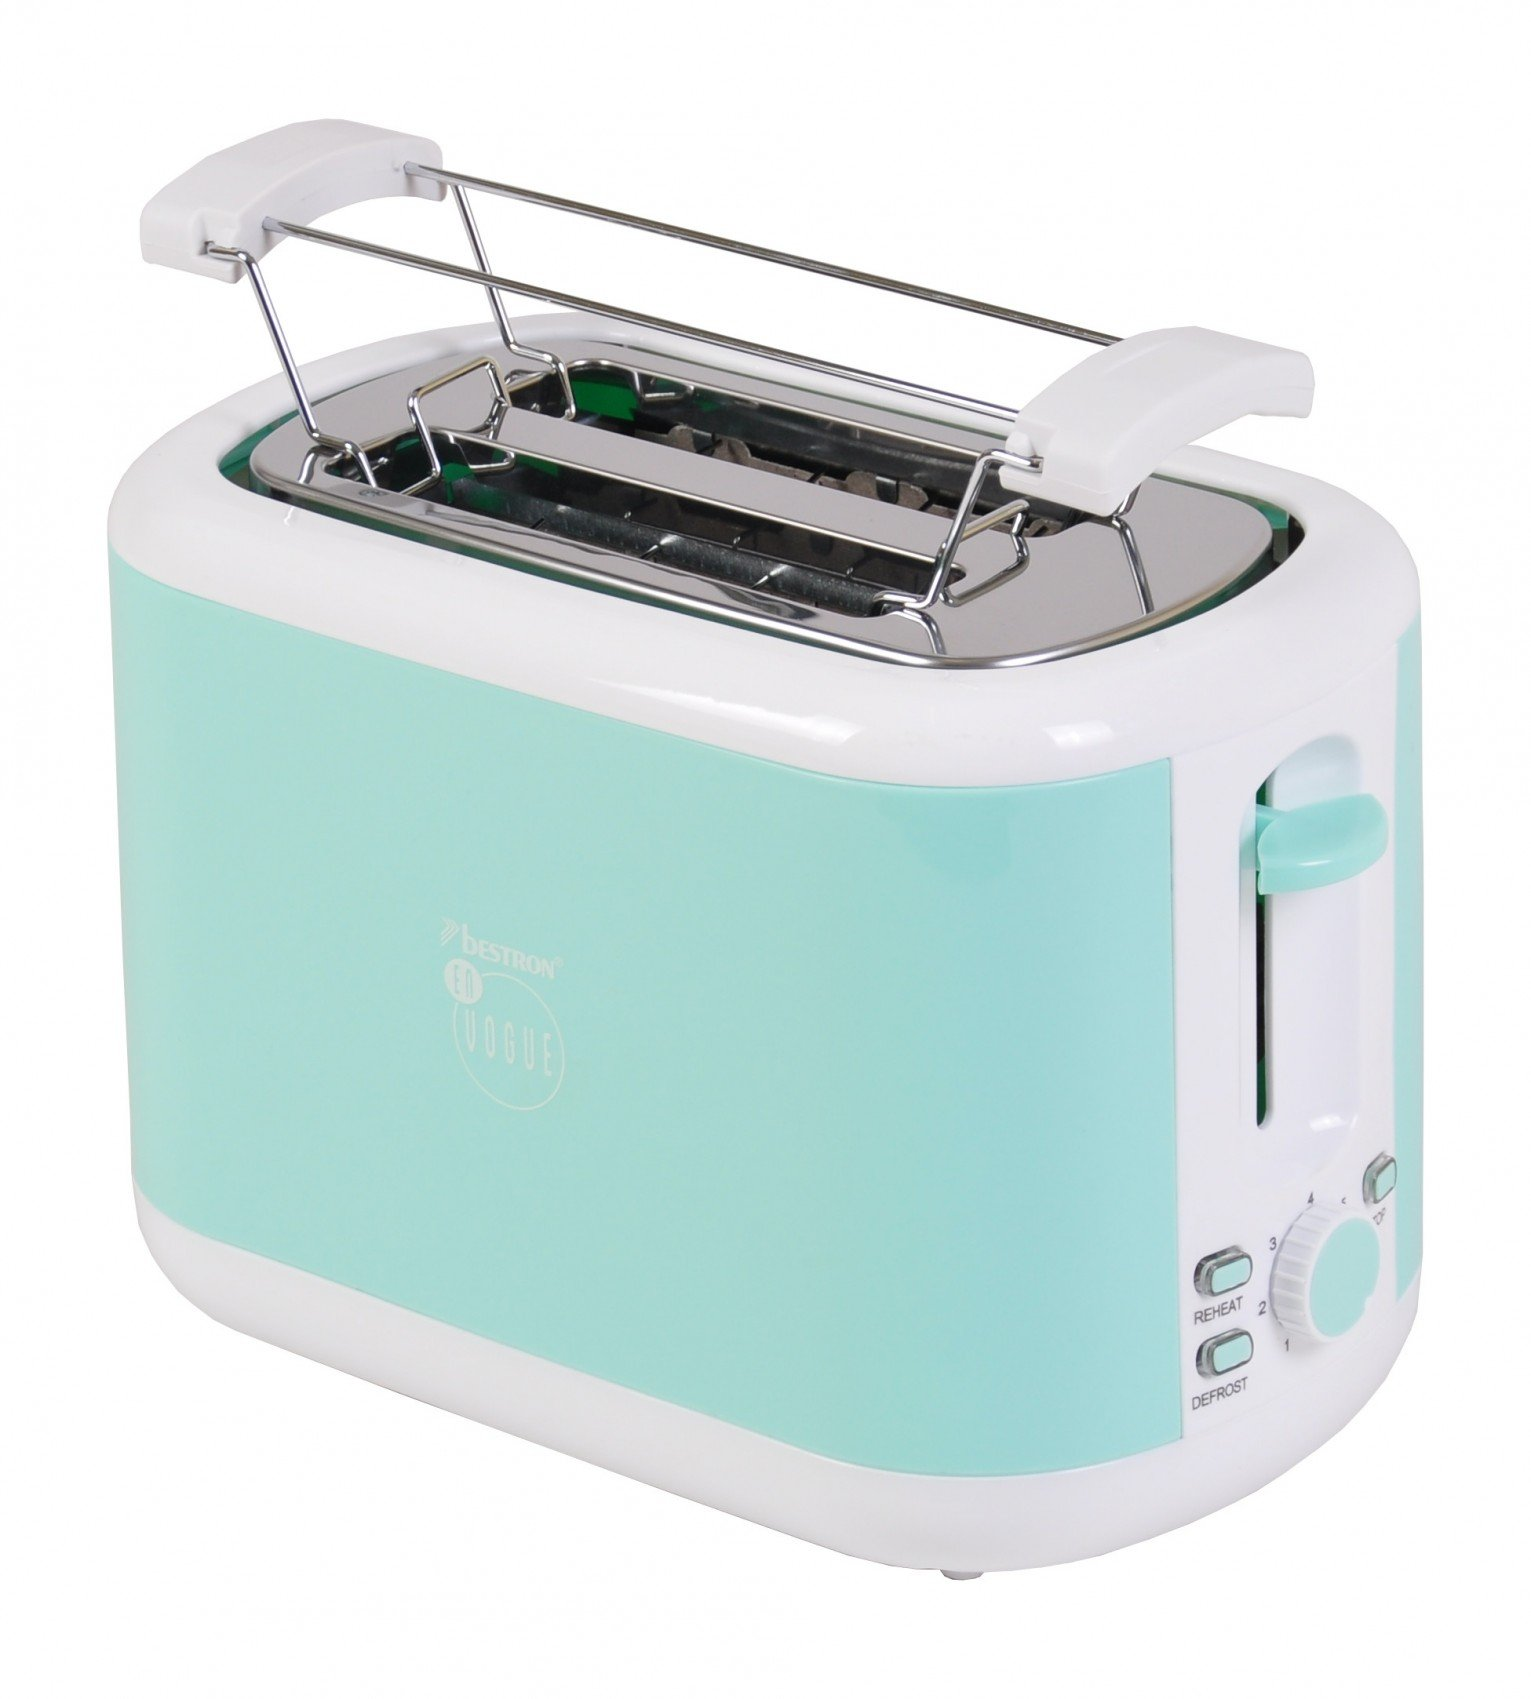 Bestron-Toaster-930-W